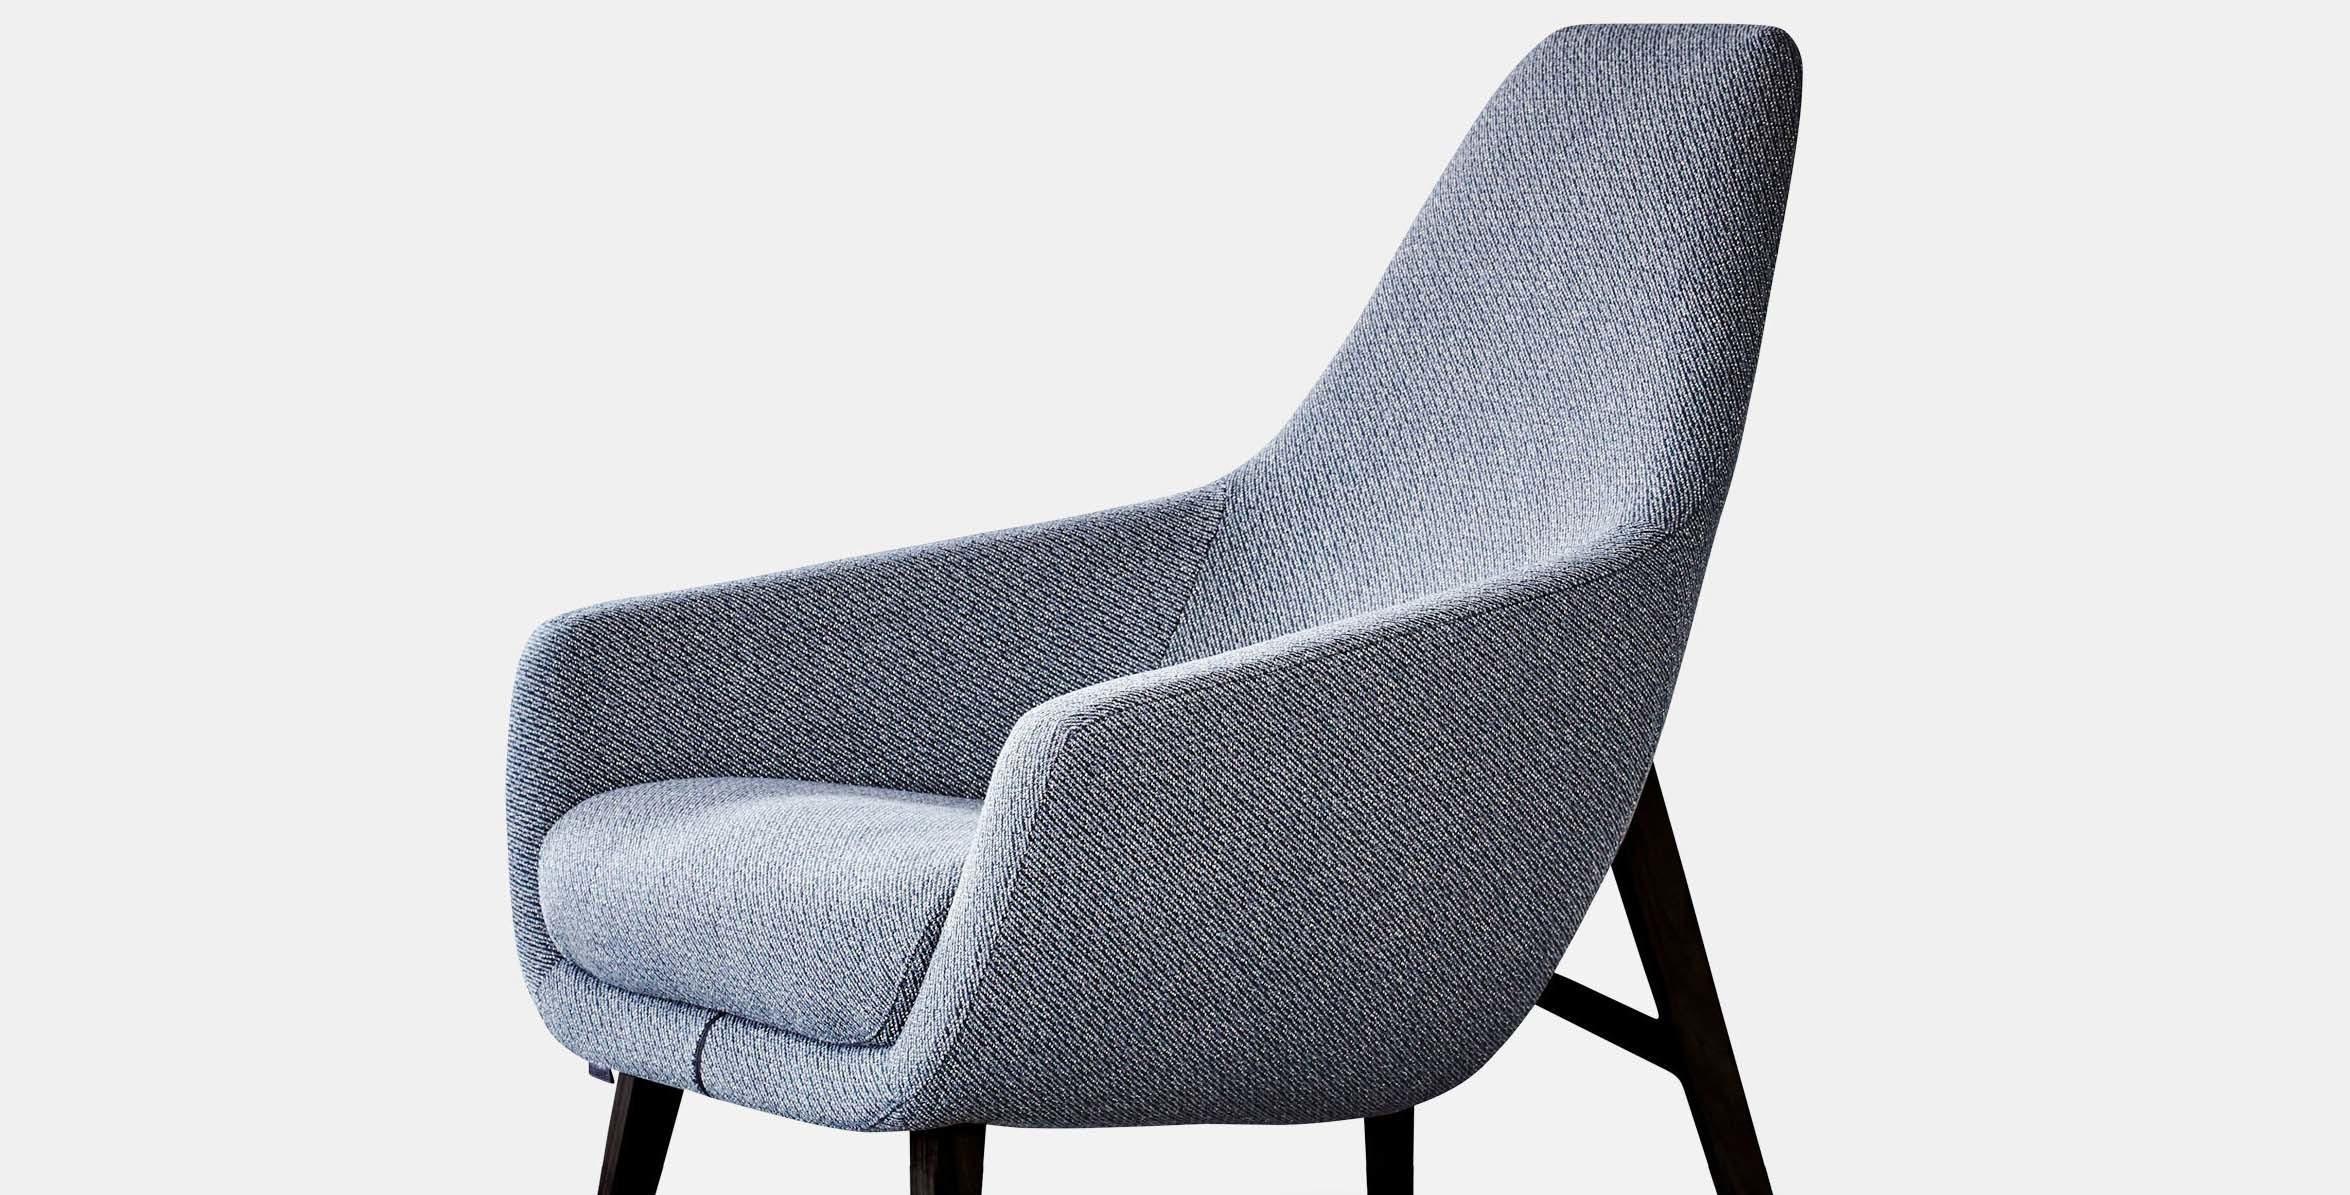 Designer Geert Koster